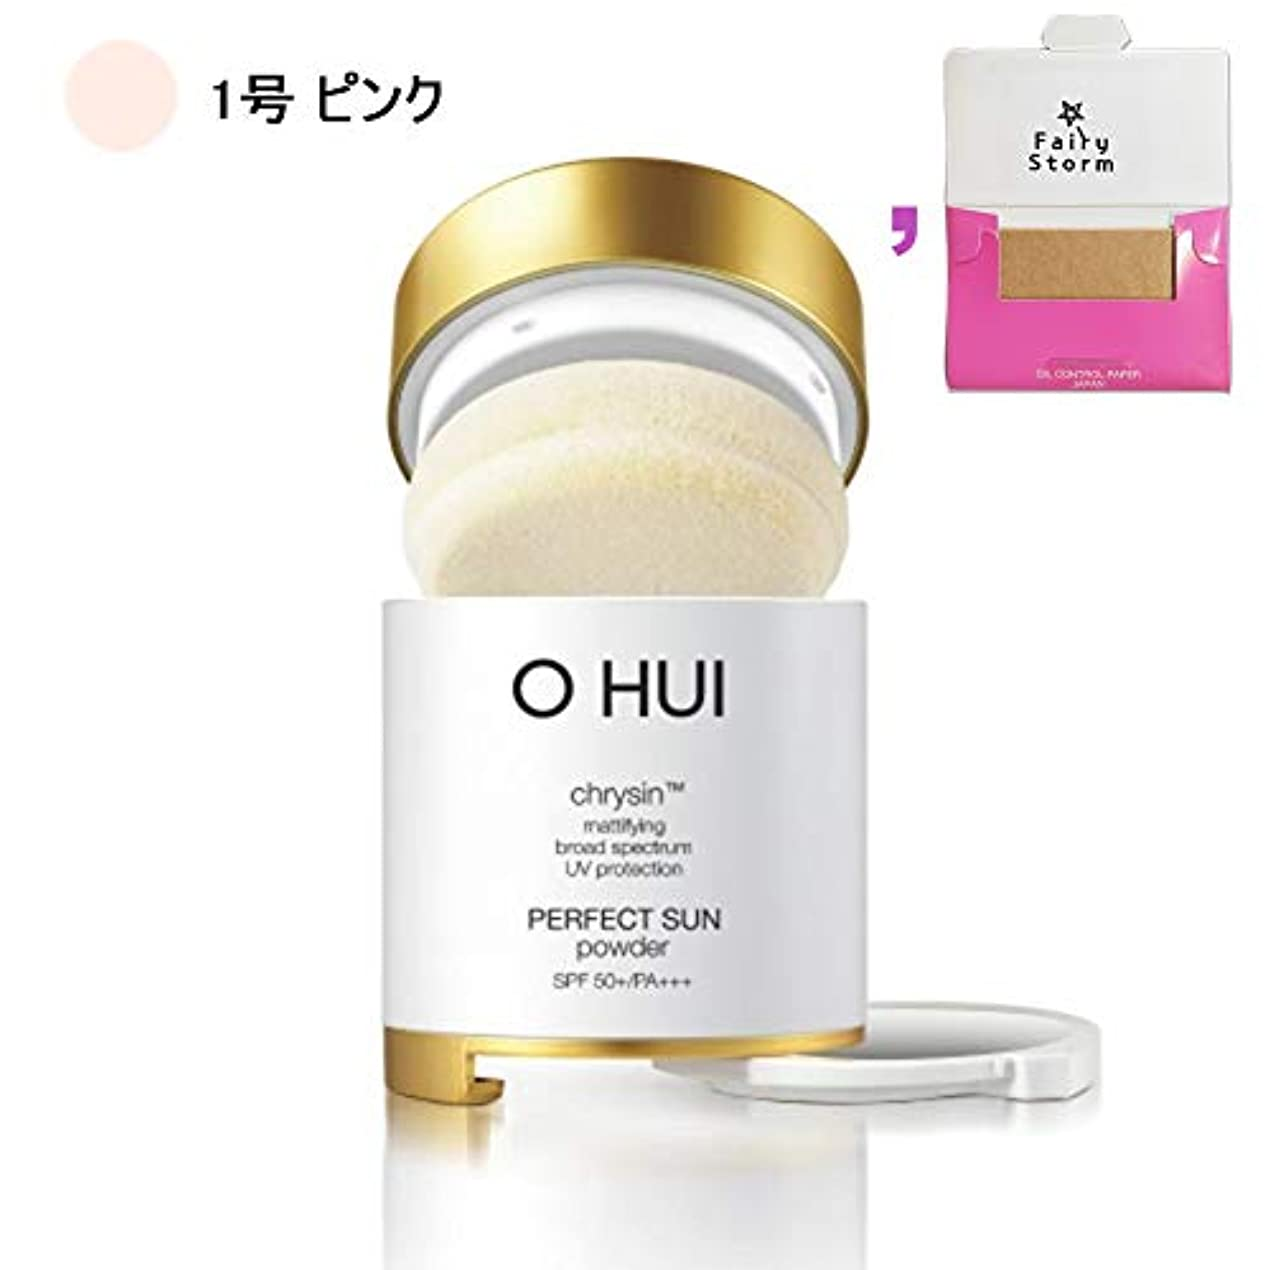 住む反映する頭蓋骨[オフィ/O HUI]韓国化粧品 LG生活健康/OHUI OFS06 PERFECT SUN POWDER/オフィ パーフェクトサンパウダー 1号 (SPF50+/PA+++) +[Sample Gift](海外直送品)